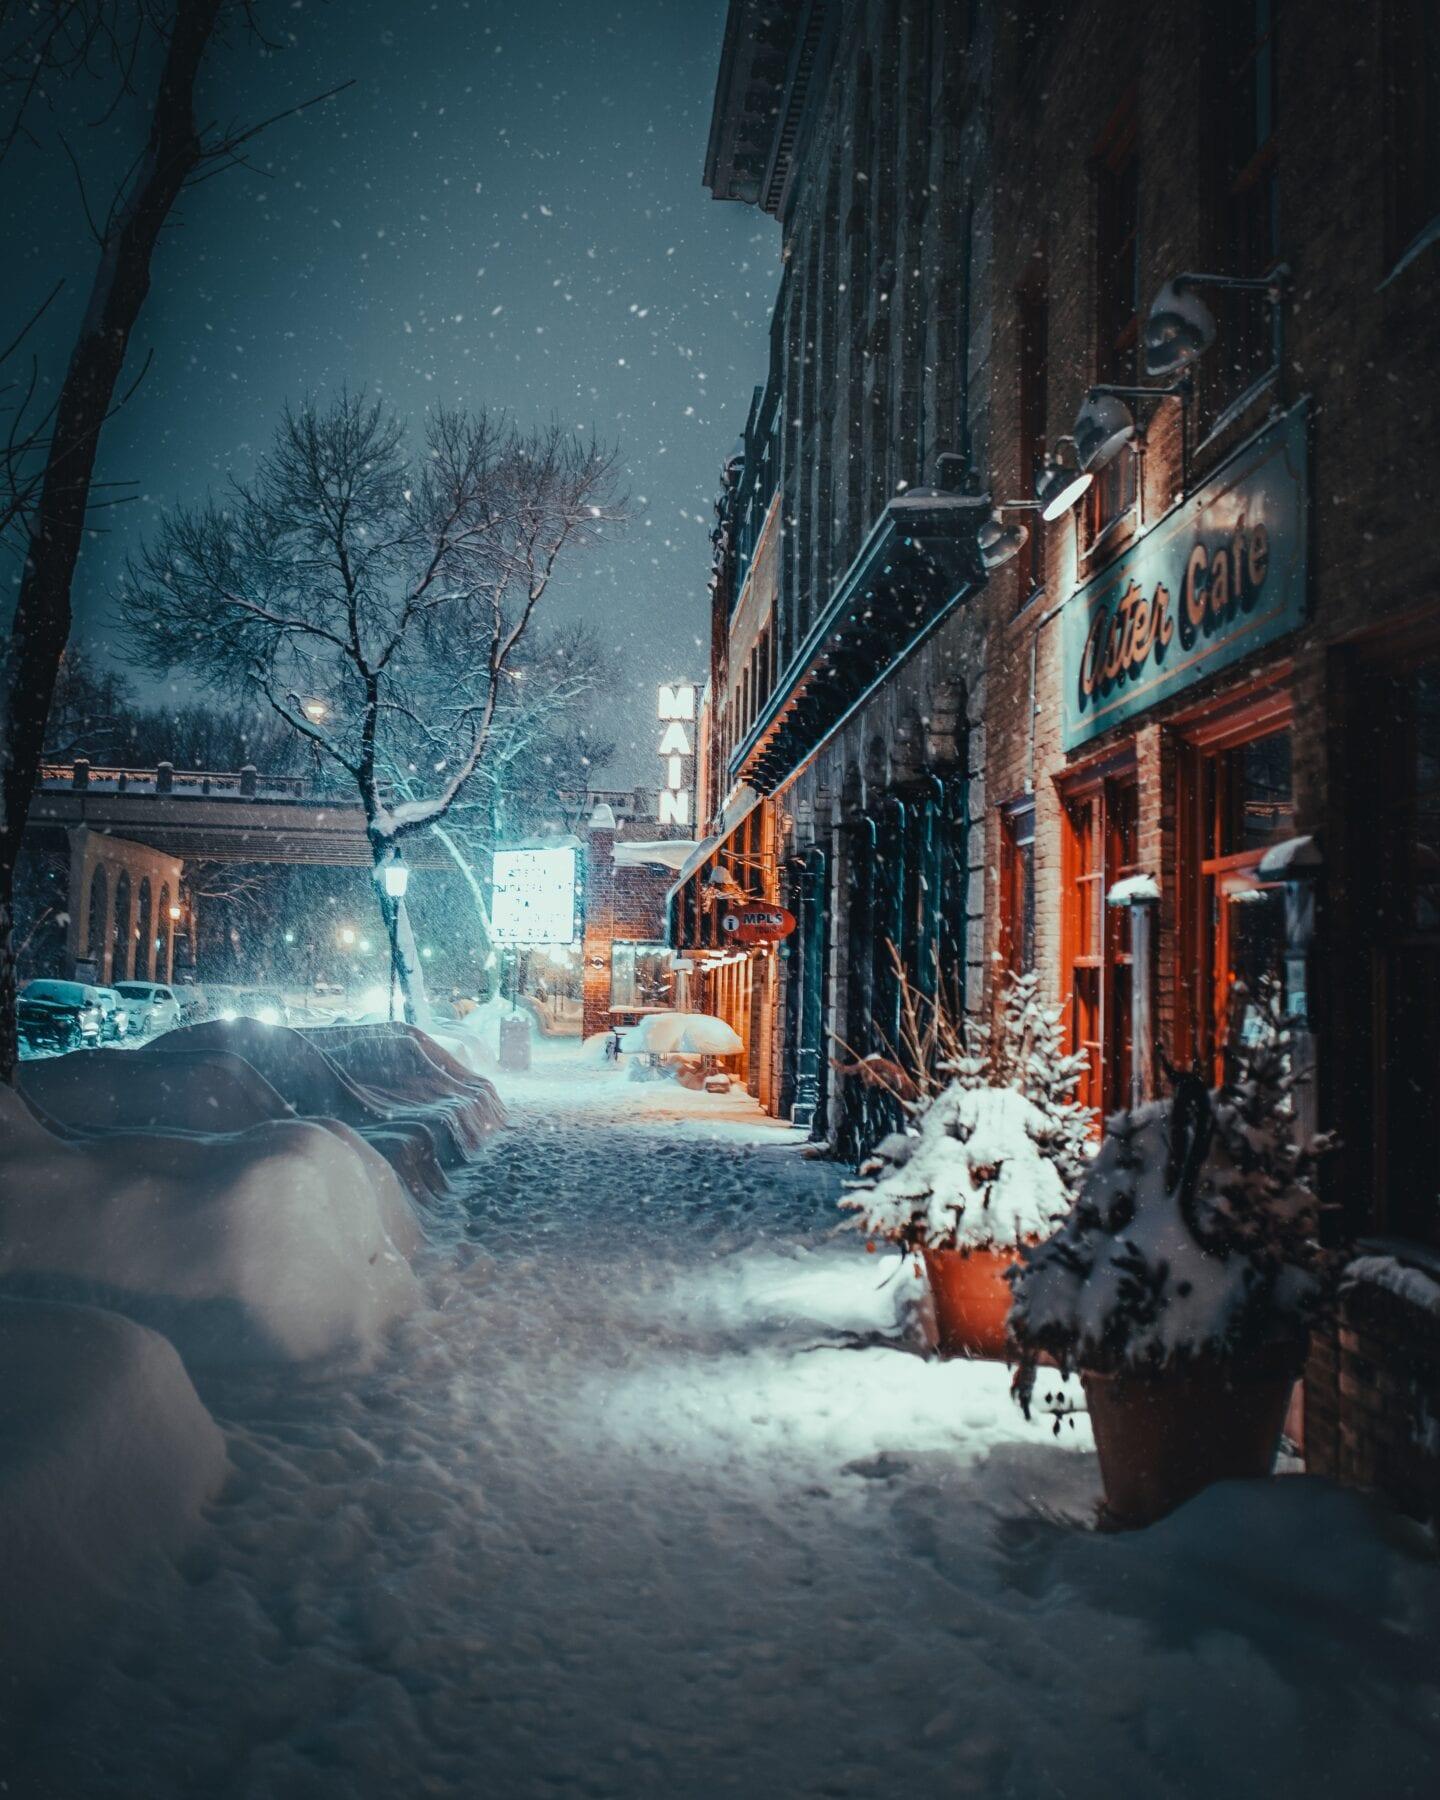 sneeuw in stad